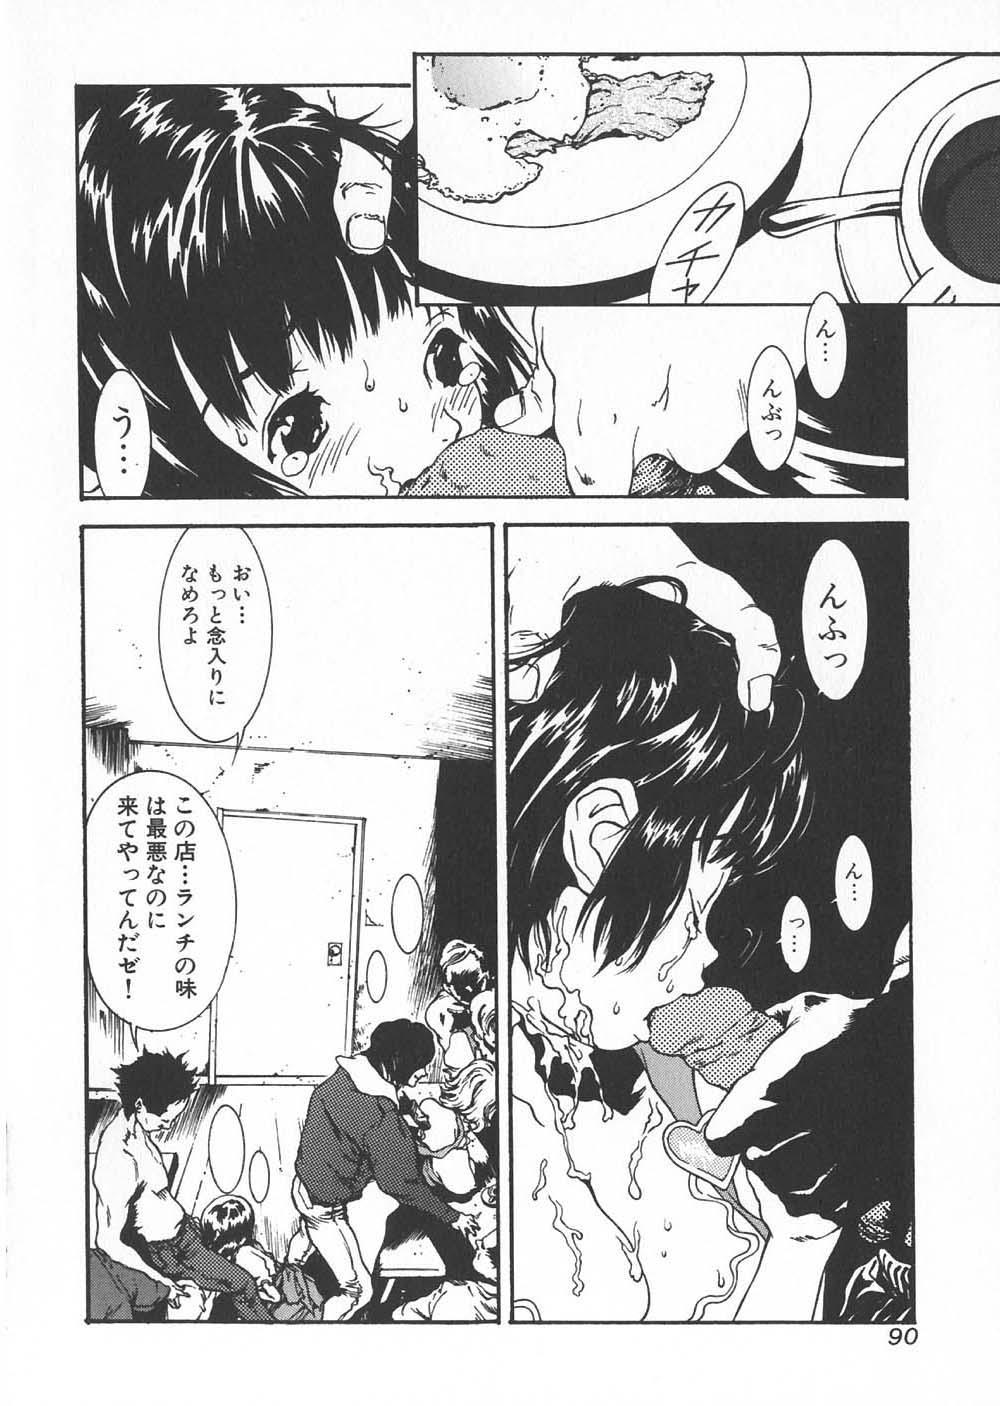 Gochuumon wa Okimari Desuka 91